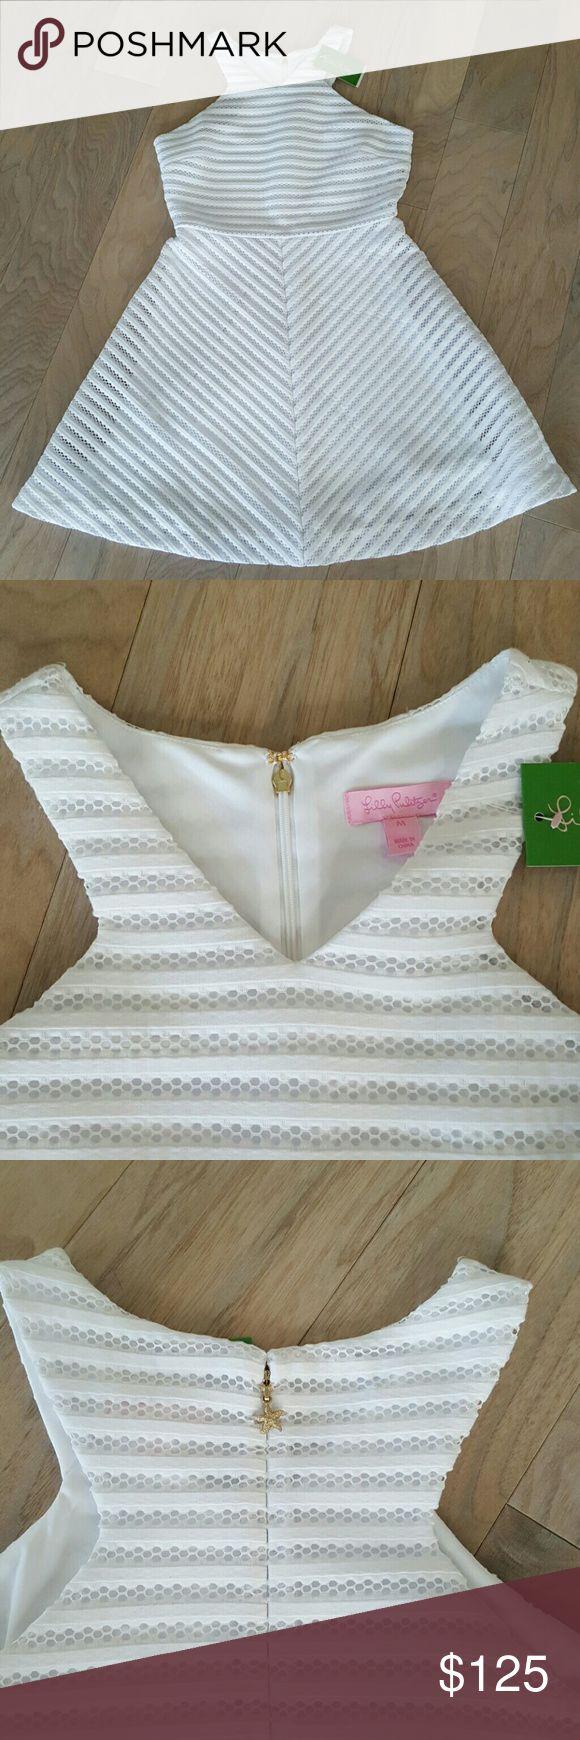 Lilly Pulitzer Megyn Dress Crochet Stripe Knit Megyn Dress. Style # 23674 Built in white slip.  Beautiful dress. Lilly Pulitzer Dresses Midi